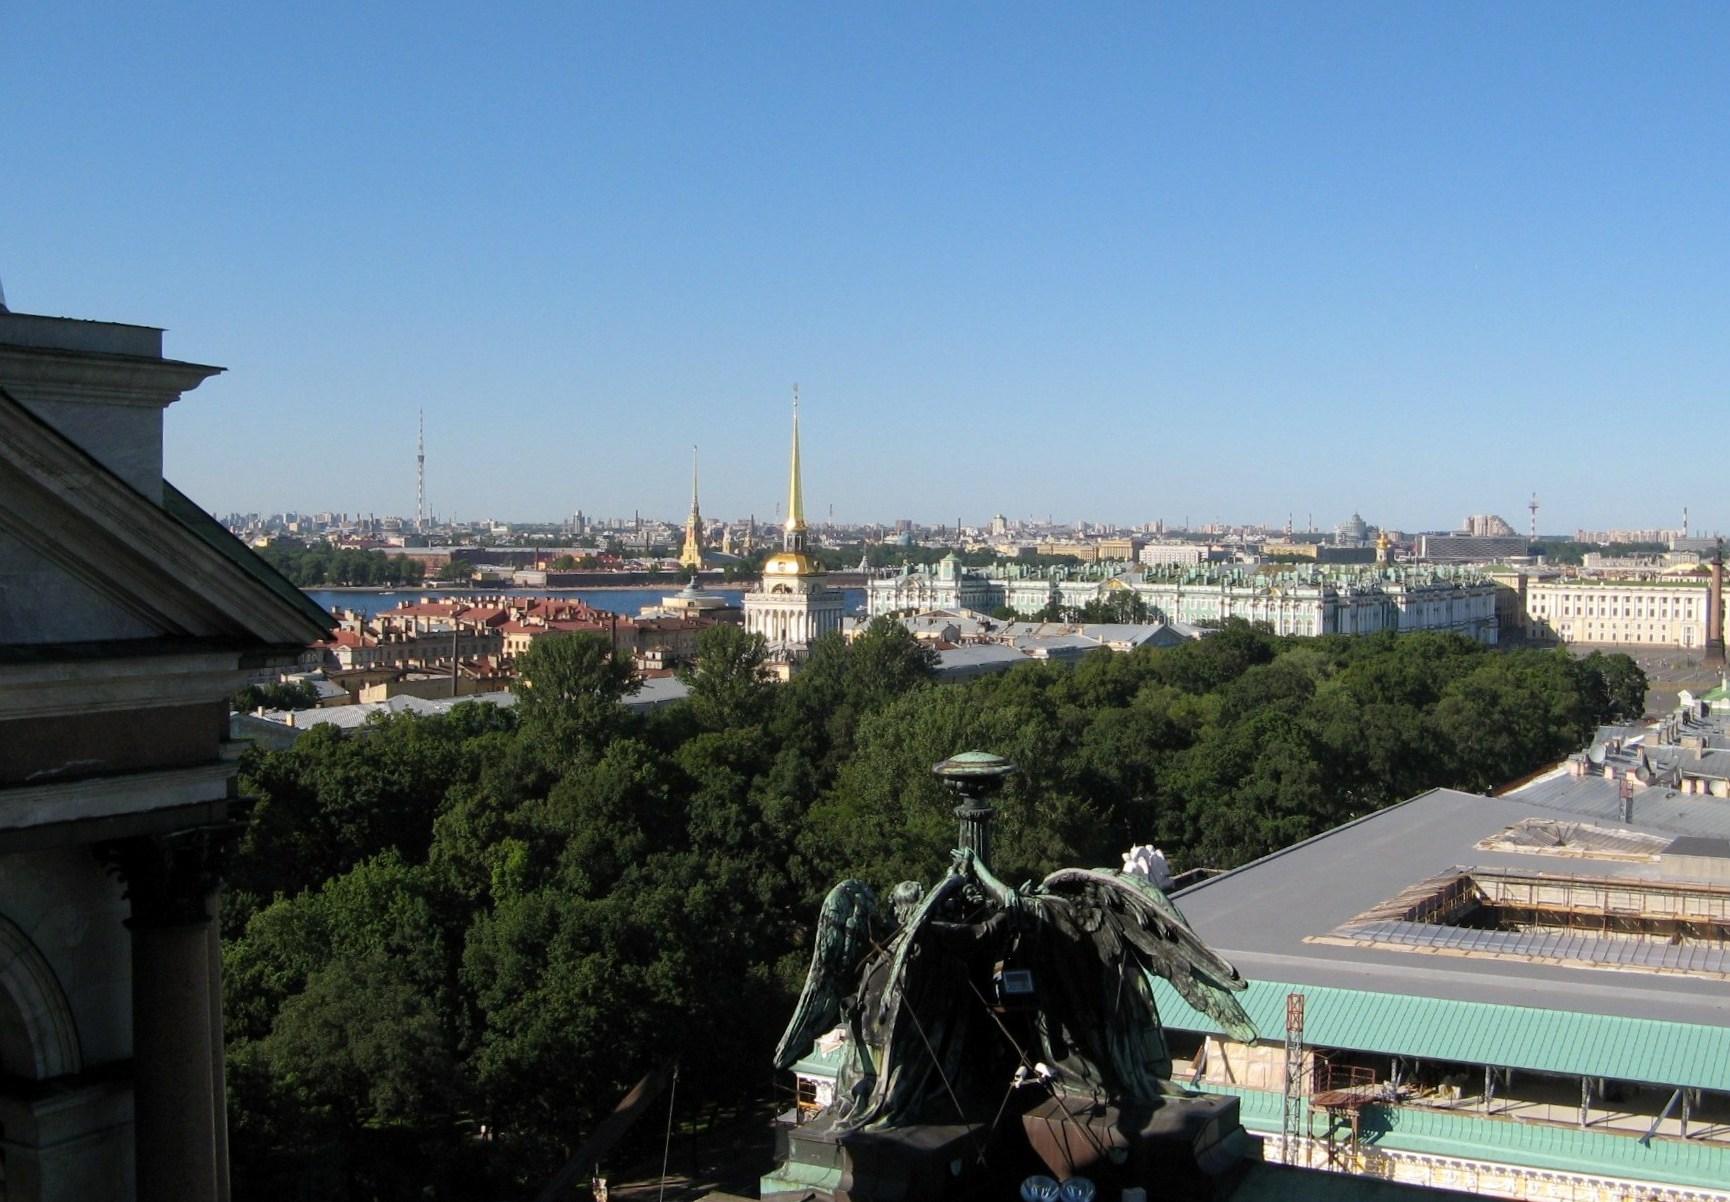 Вид со смотровой площадки Исаакиевского собора на Адмиралтейство и Александровский сад